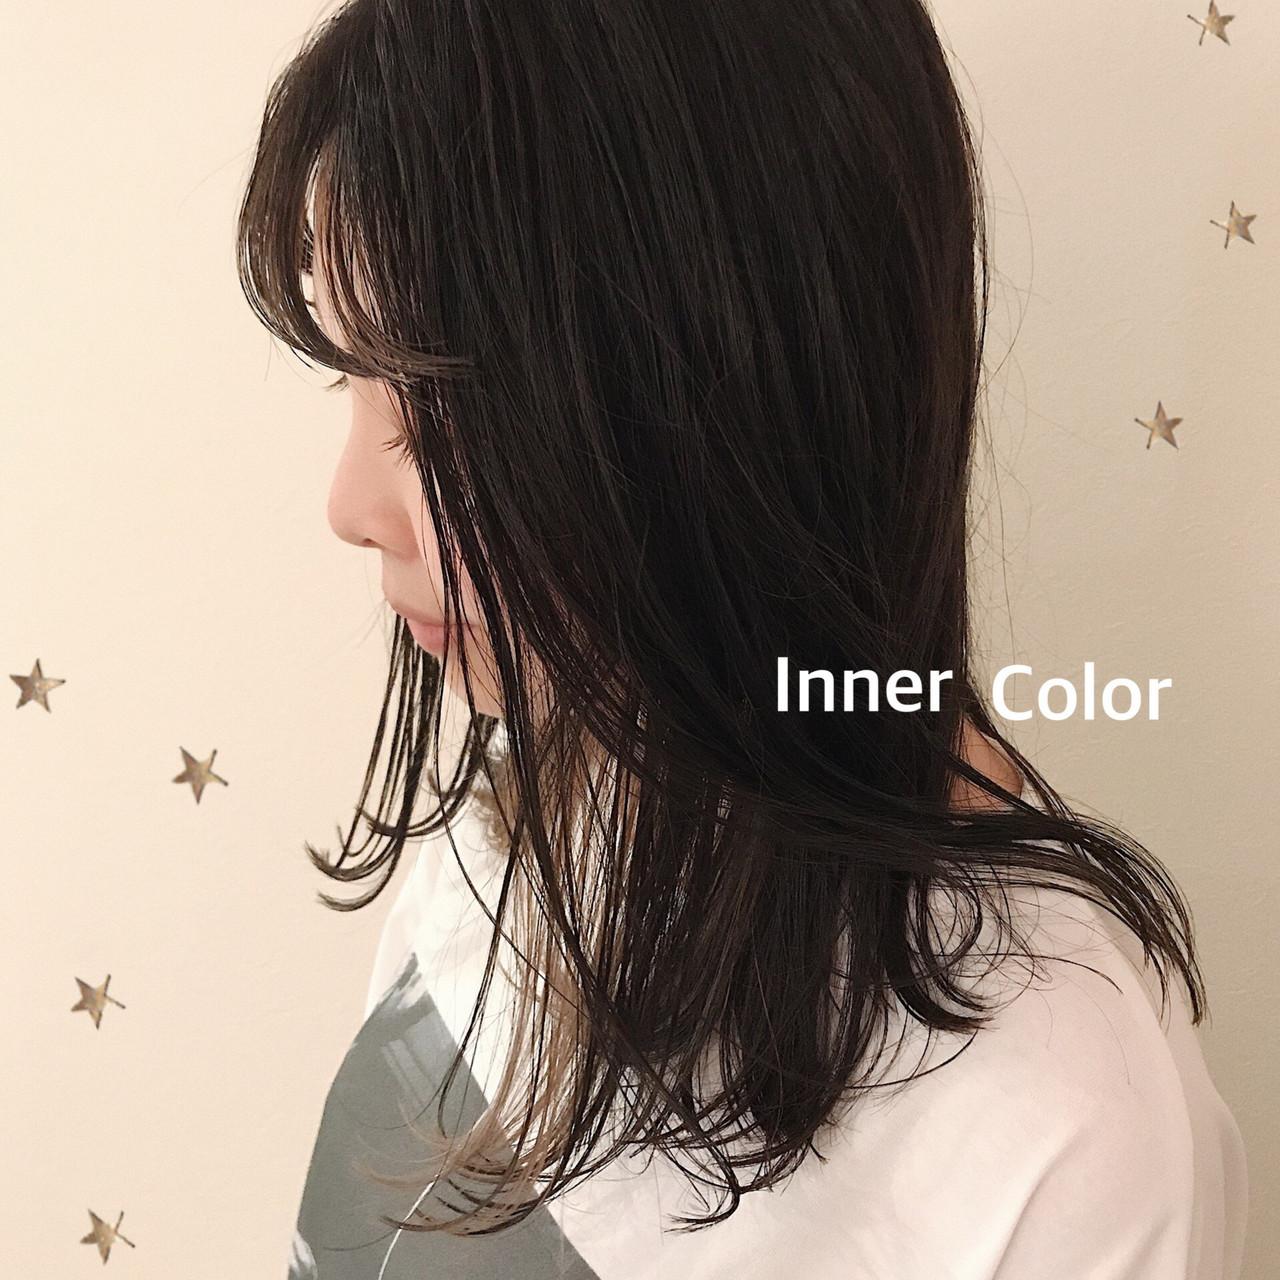 セミロング ストリート インナーカラー イヤリングカラー ヘアスタイルや髪型の写真・画像